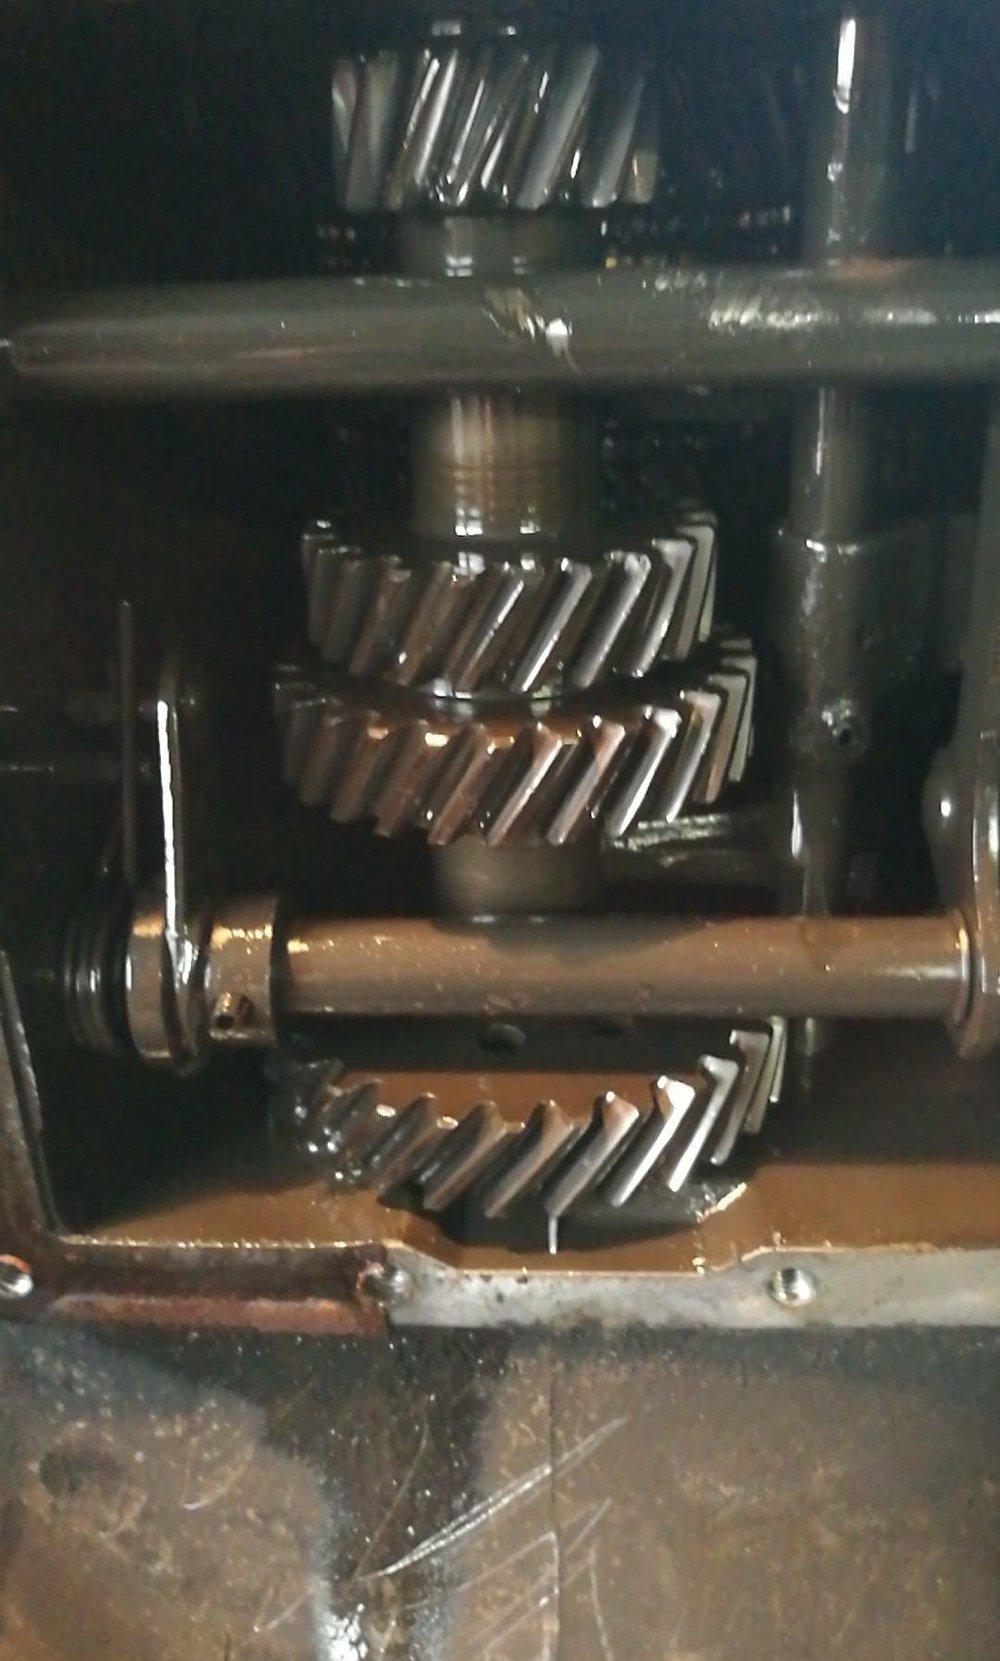 - et voilà a quoi ressemble l'intérieur d'une boîte de vitesse